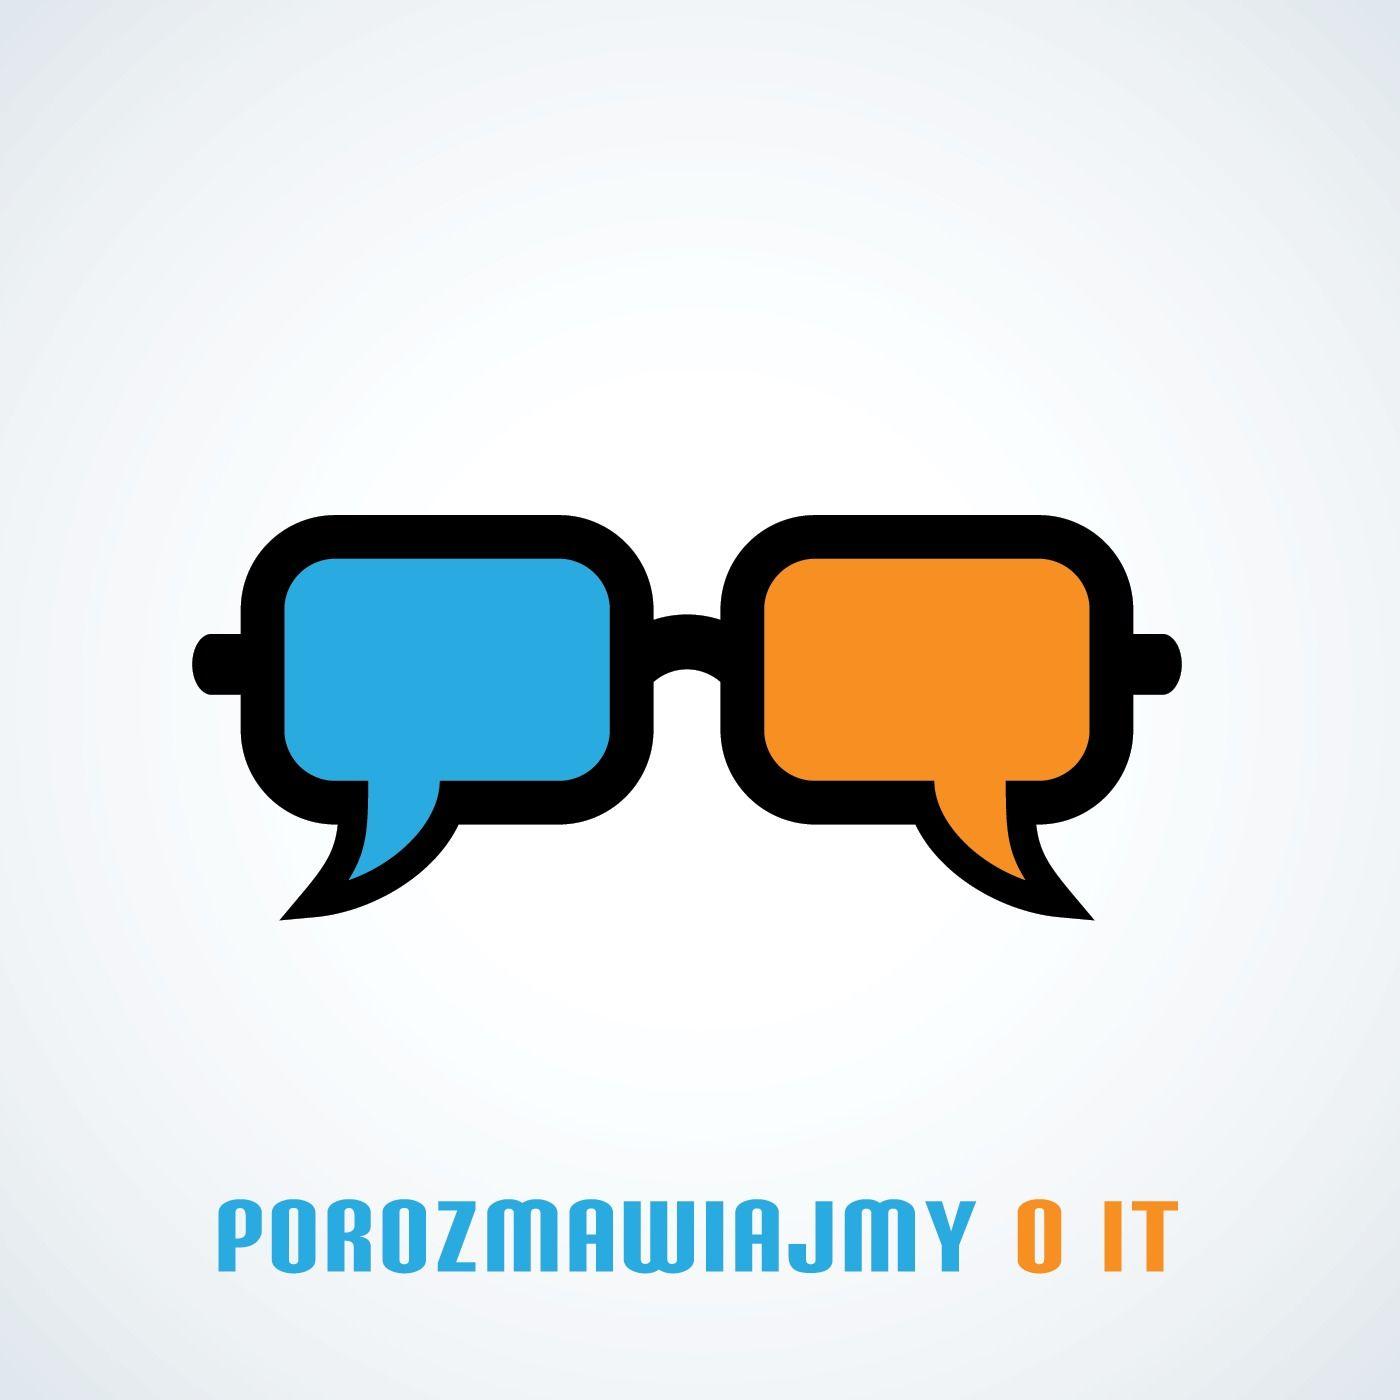 POIT 002: Promocja marki osobistej w IT